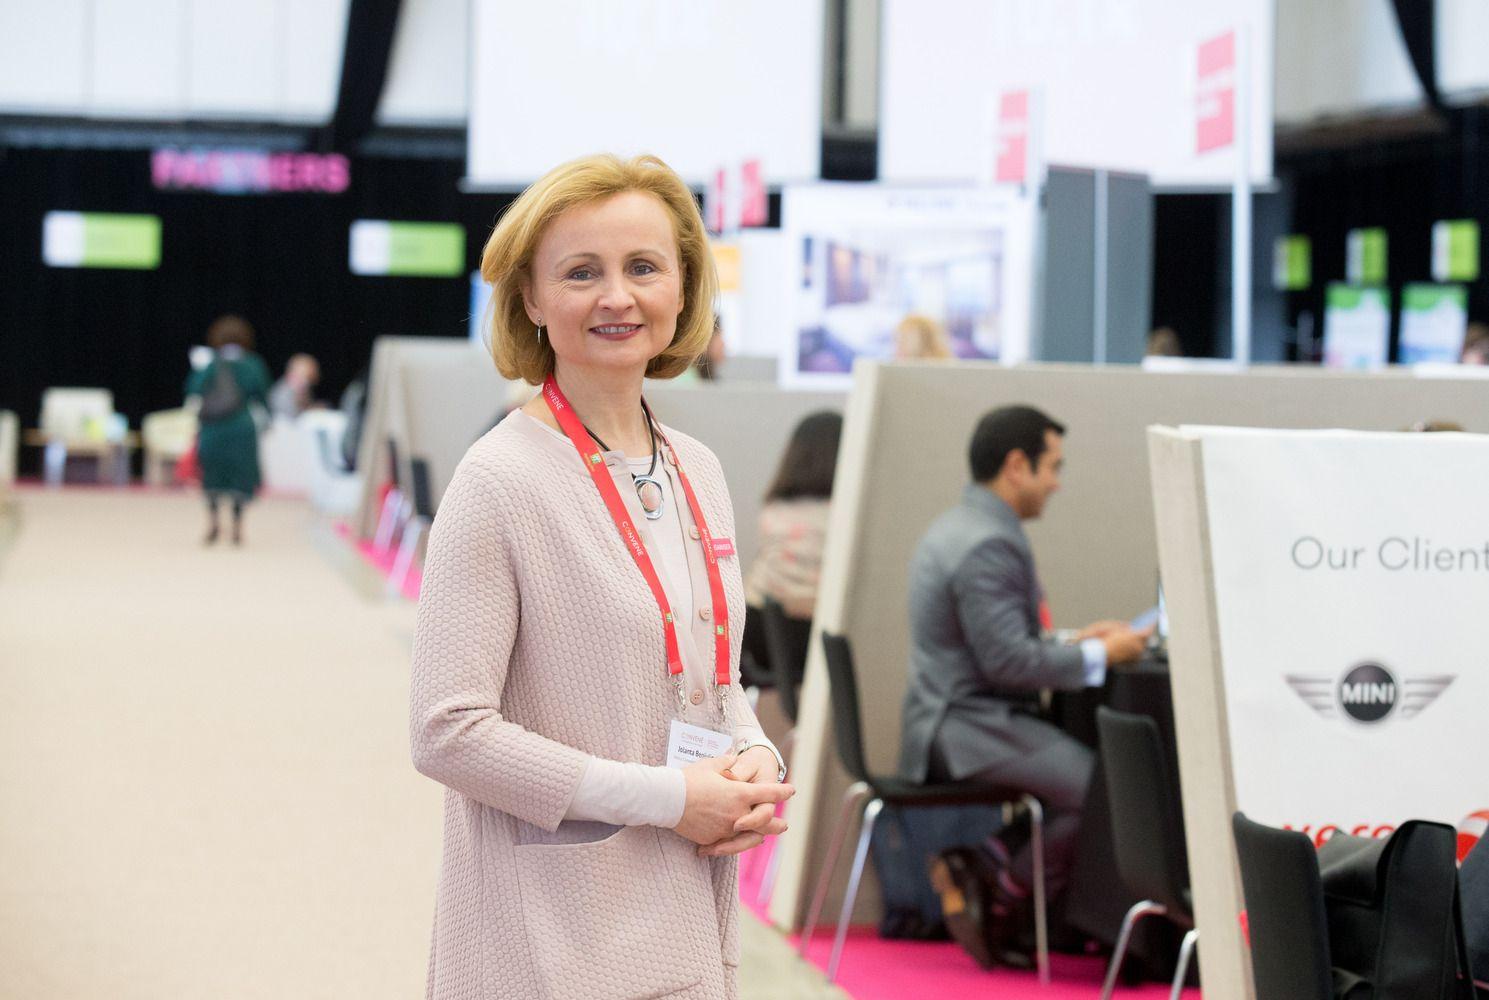 Kova dėl konferencijų: Vilniaus reitingas kyla